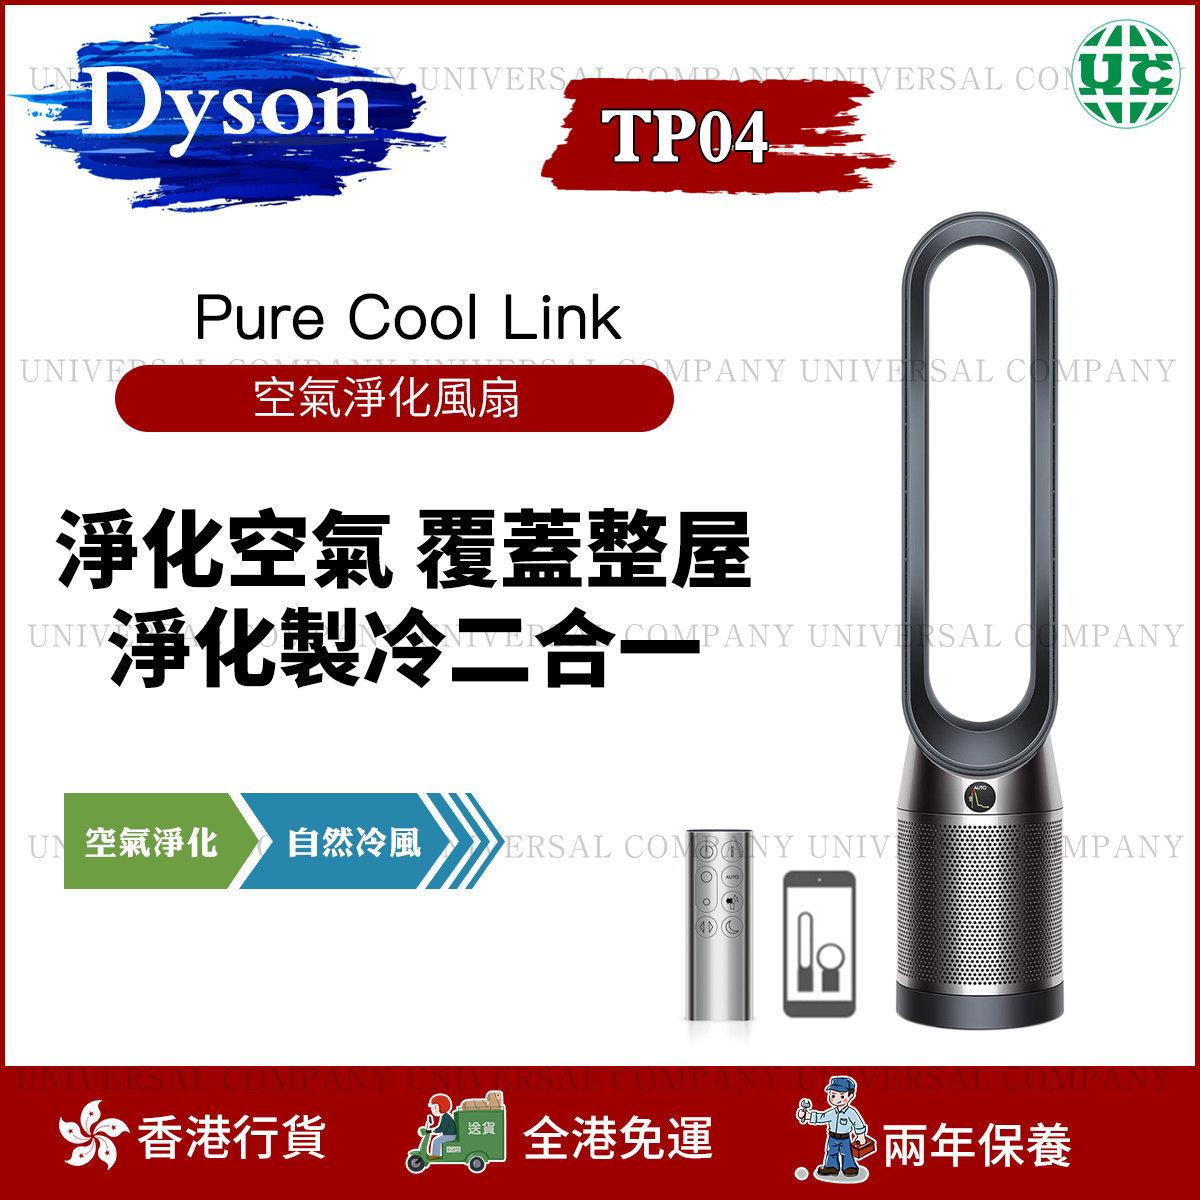 二合一智能空氣淨化風扇 座地式 TP04 黑鋼色 (香港行貨)